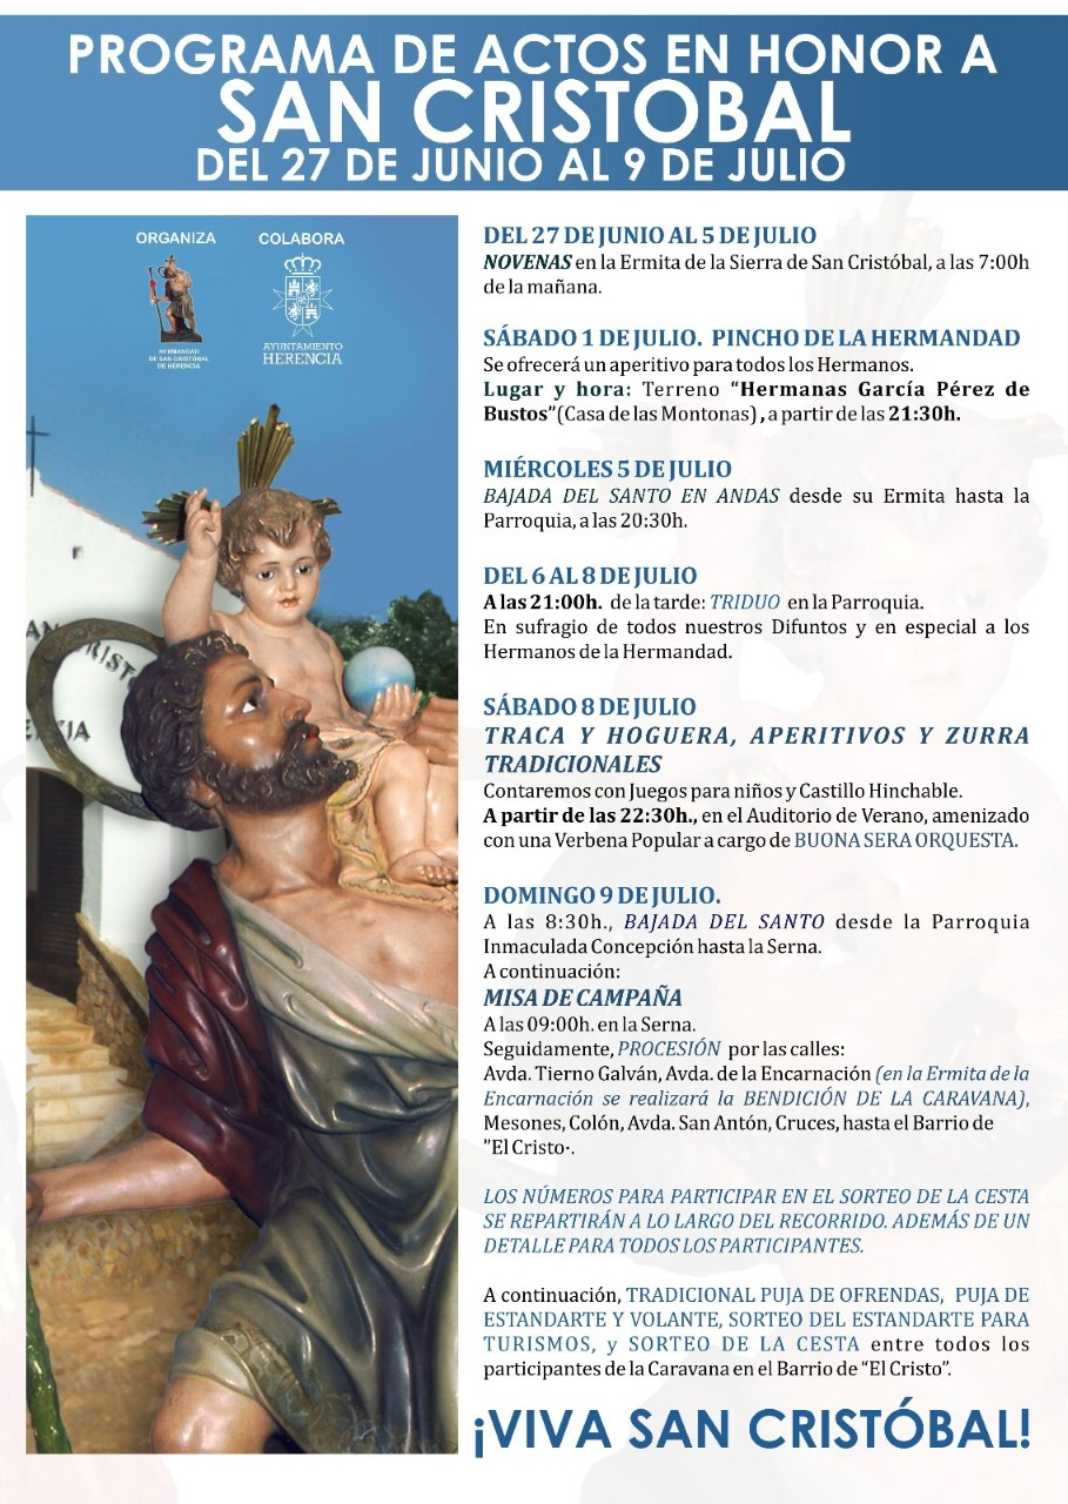 Cartel San Cristobal 2017 1068x1504 - Programa de actos en honor a San Cristobal